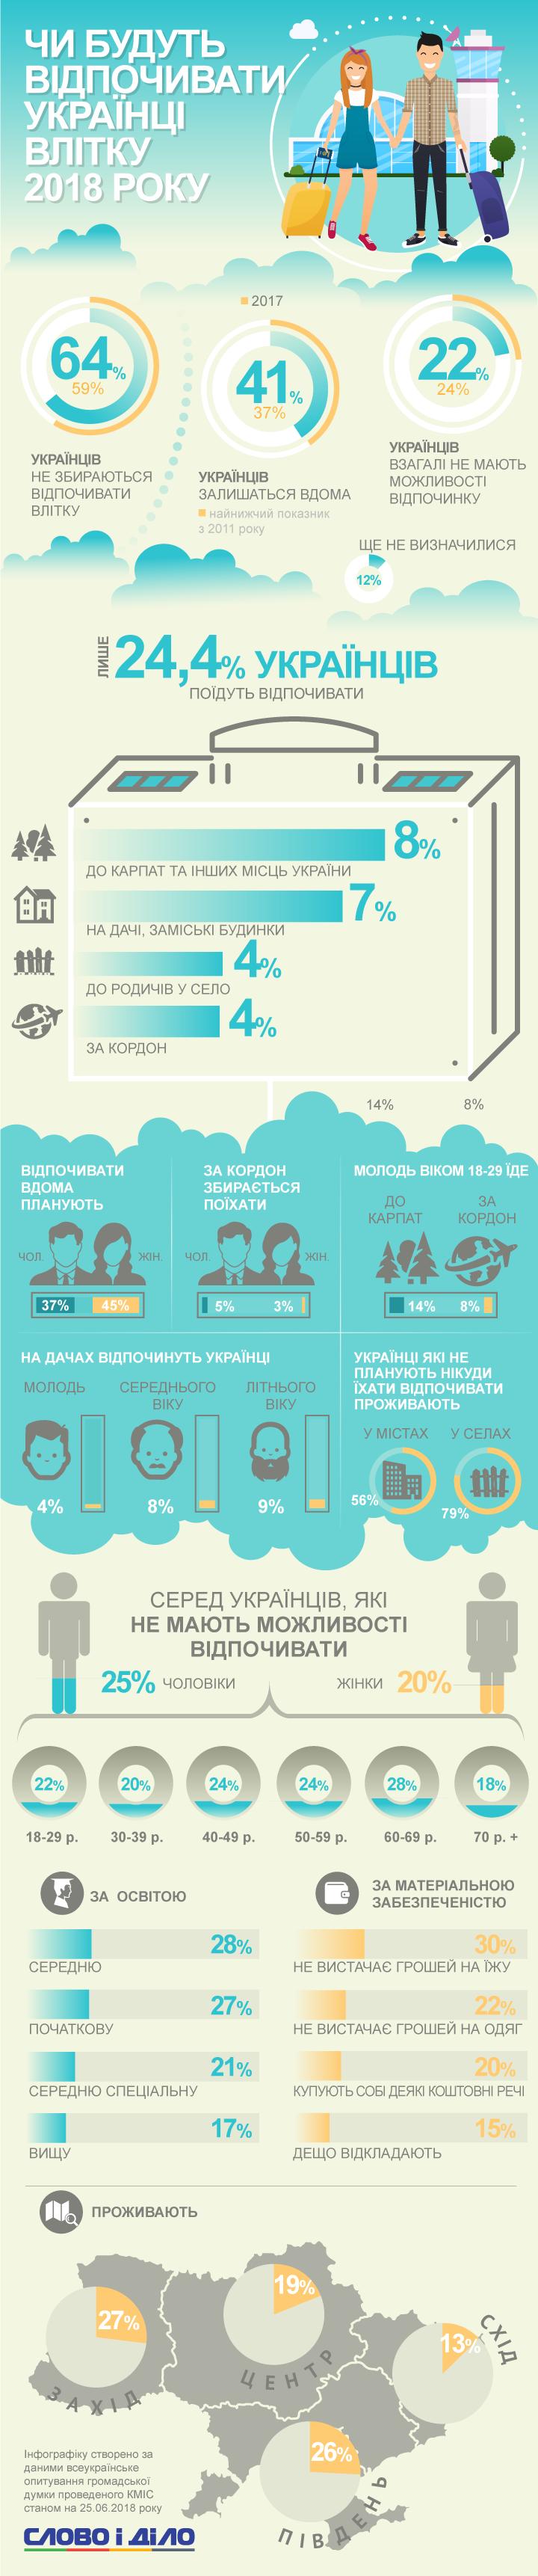 Будут ли отдыхать украинцы летом-2018?